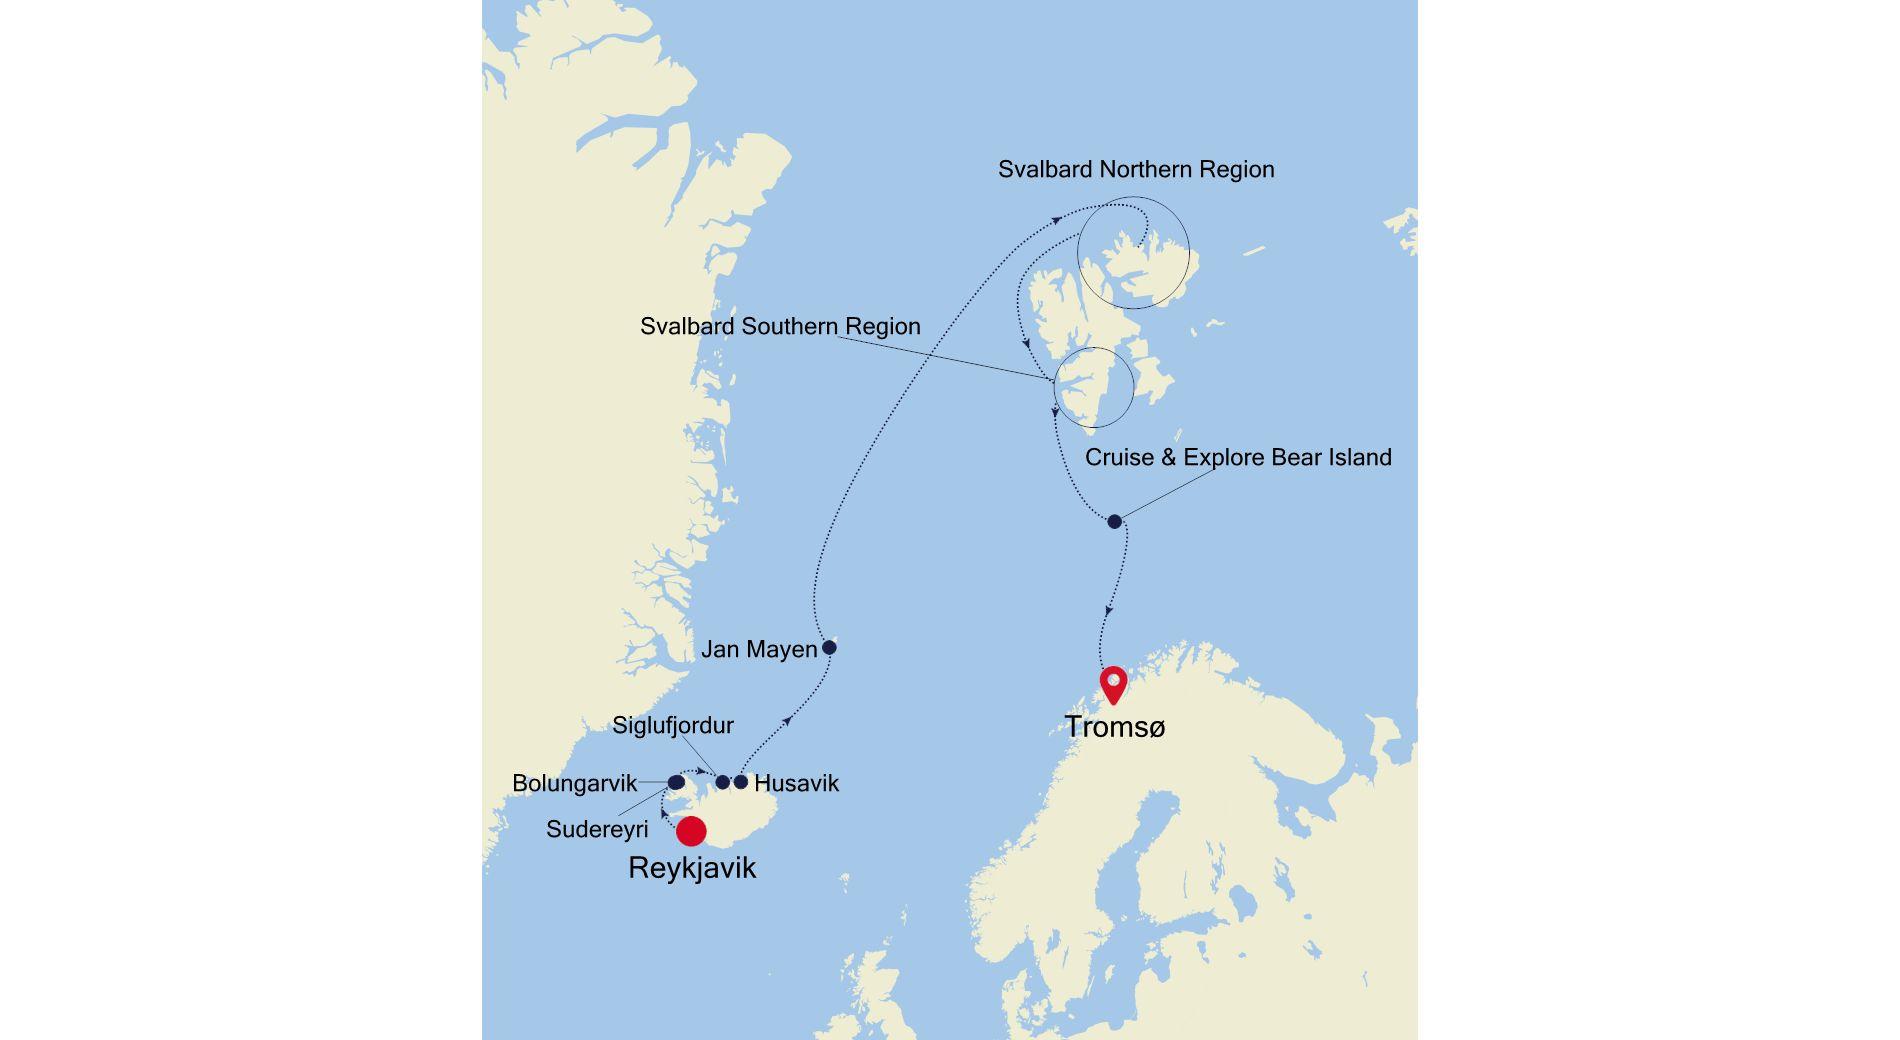 WI210707013 - Reykjavik to Tromsø